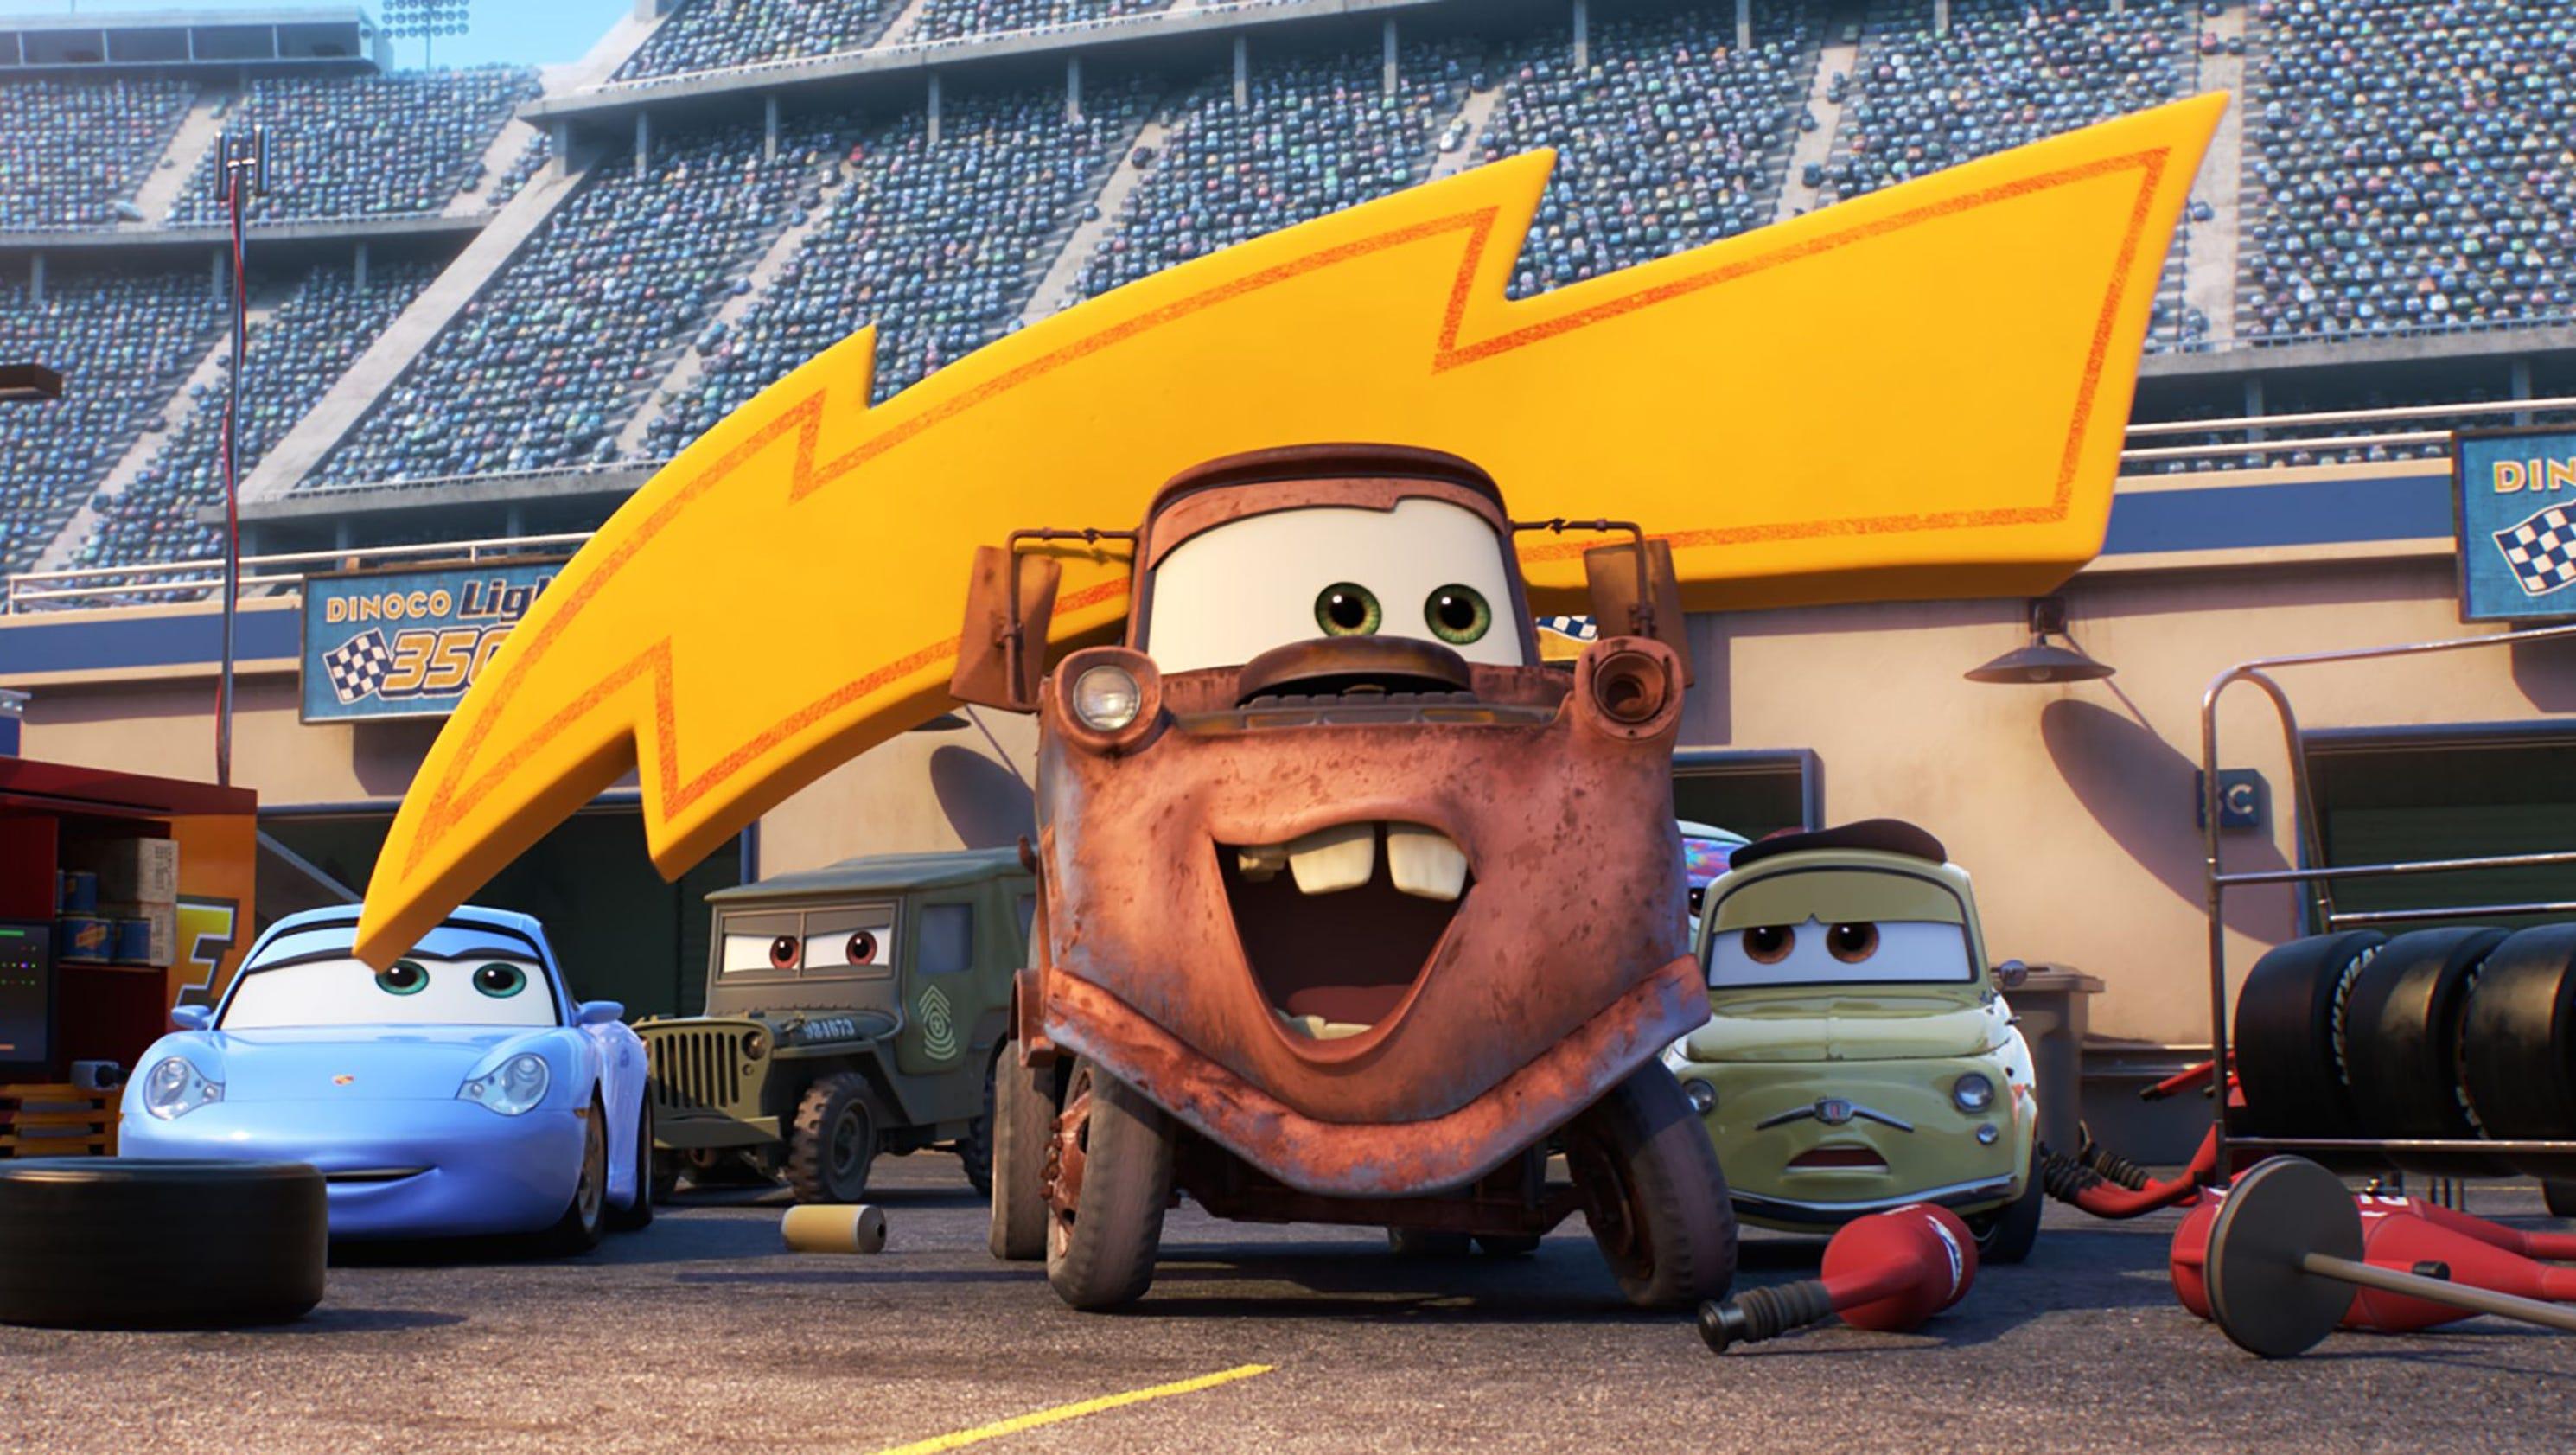 review 39 cars 3 39 revs up pixar 39 s idling animated franchise. Black Bedroom Furniture Sets. Home Design Ideas